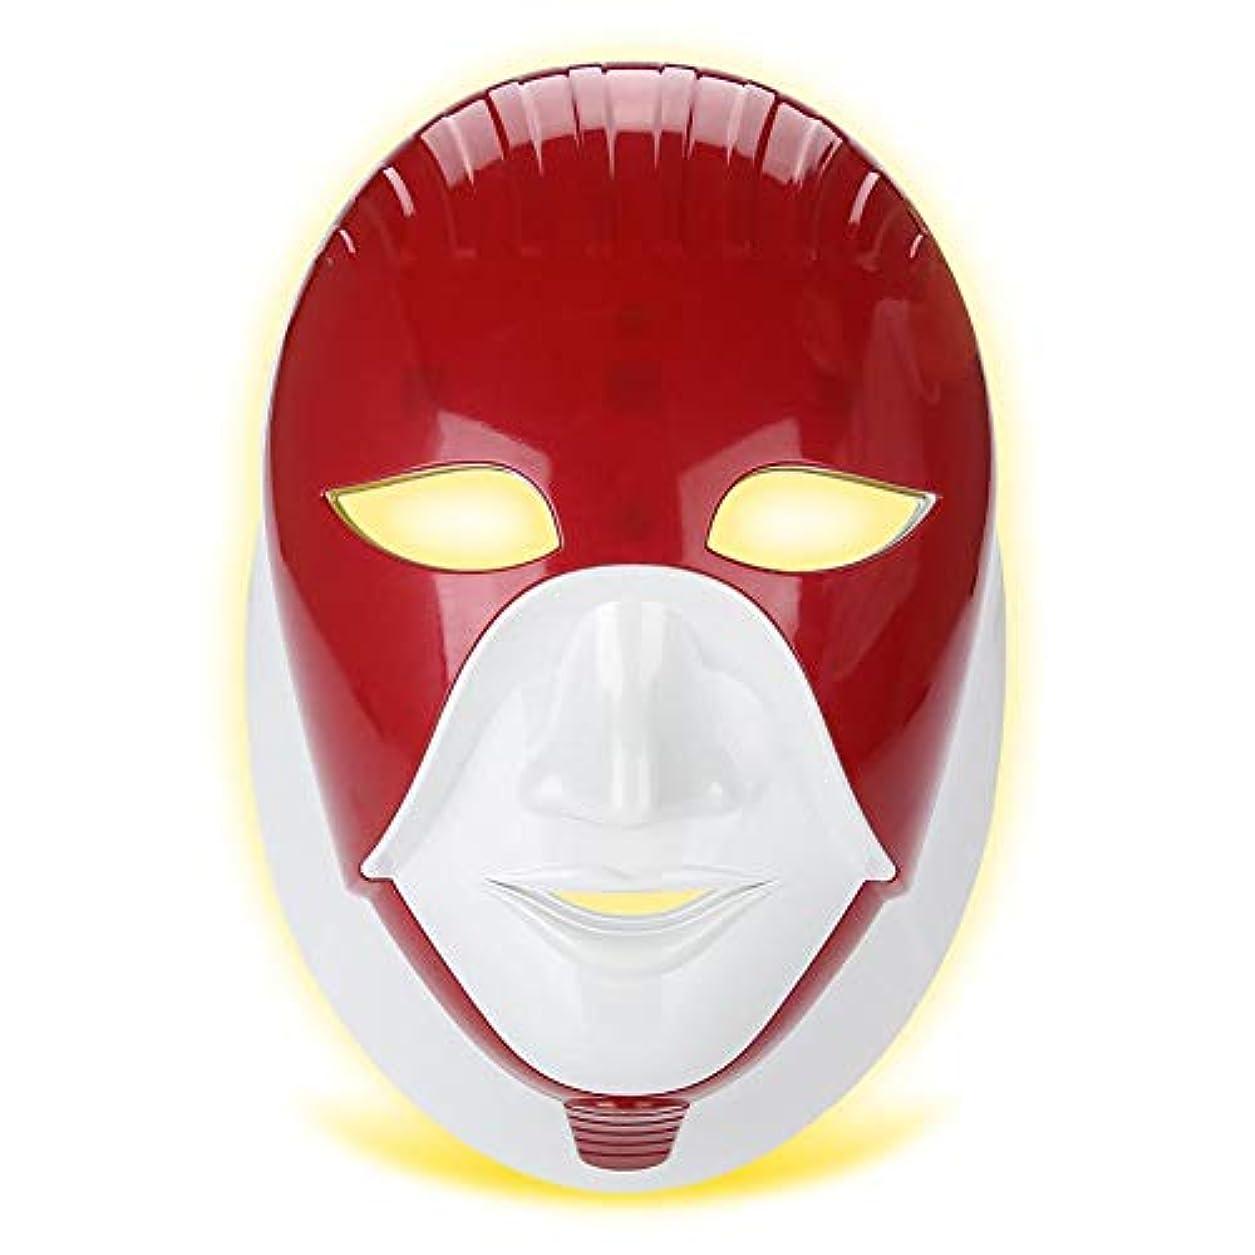 囲むジェム形容詞LEDフェイシャルネックマスク、滑らかな肌のより良いのための7色のネオン - 輝くライトフェイスケア美容ツール、肌のリラクゼーショング、引き締め、調色、引き締まった肌、瑕疵び、美白(02#)